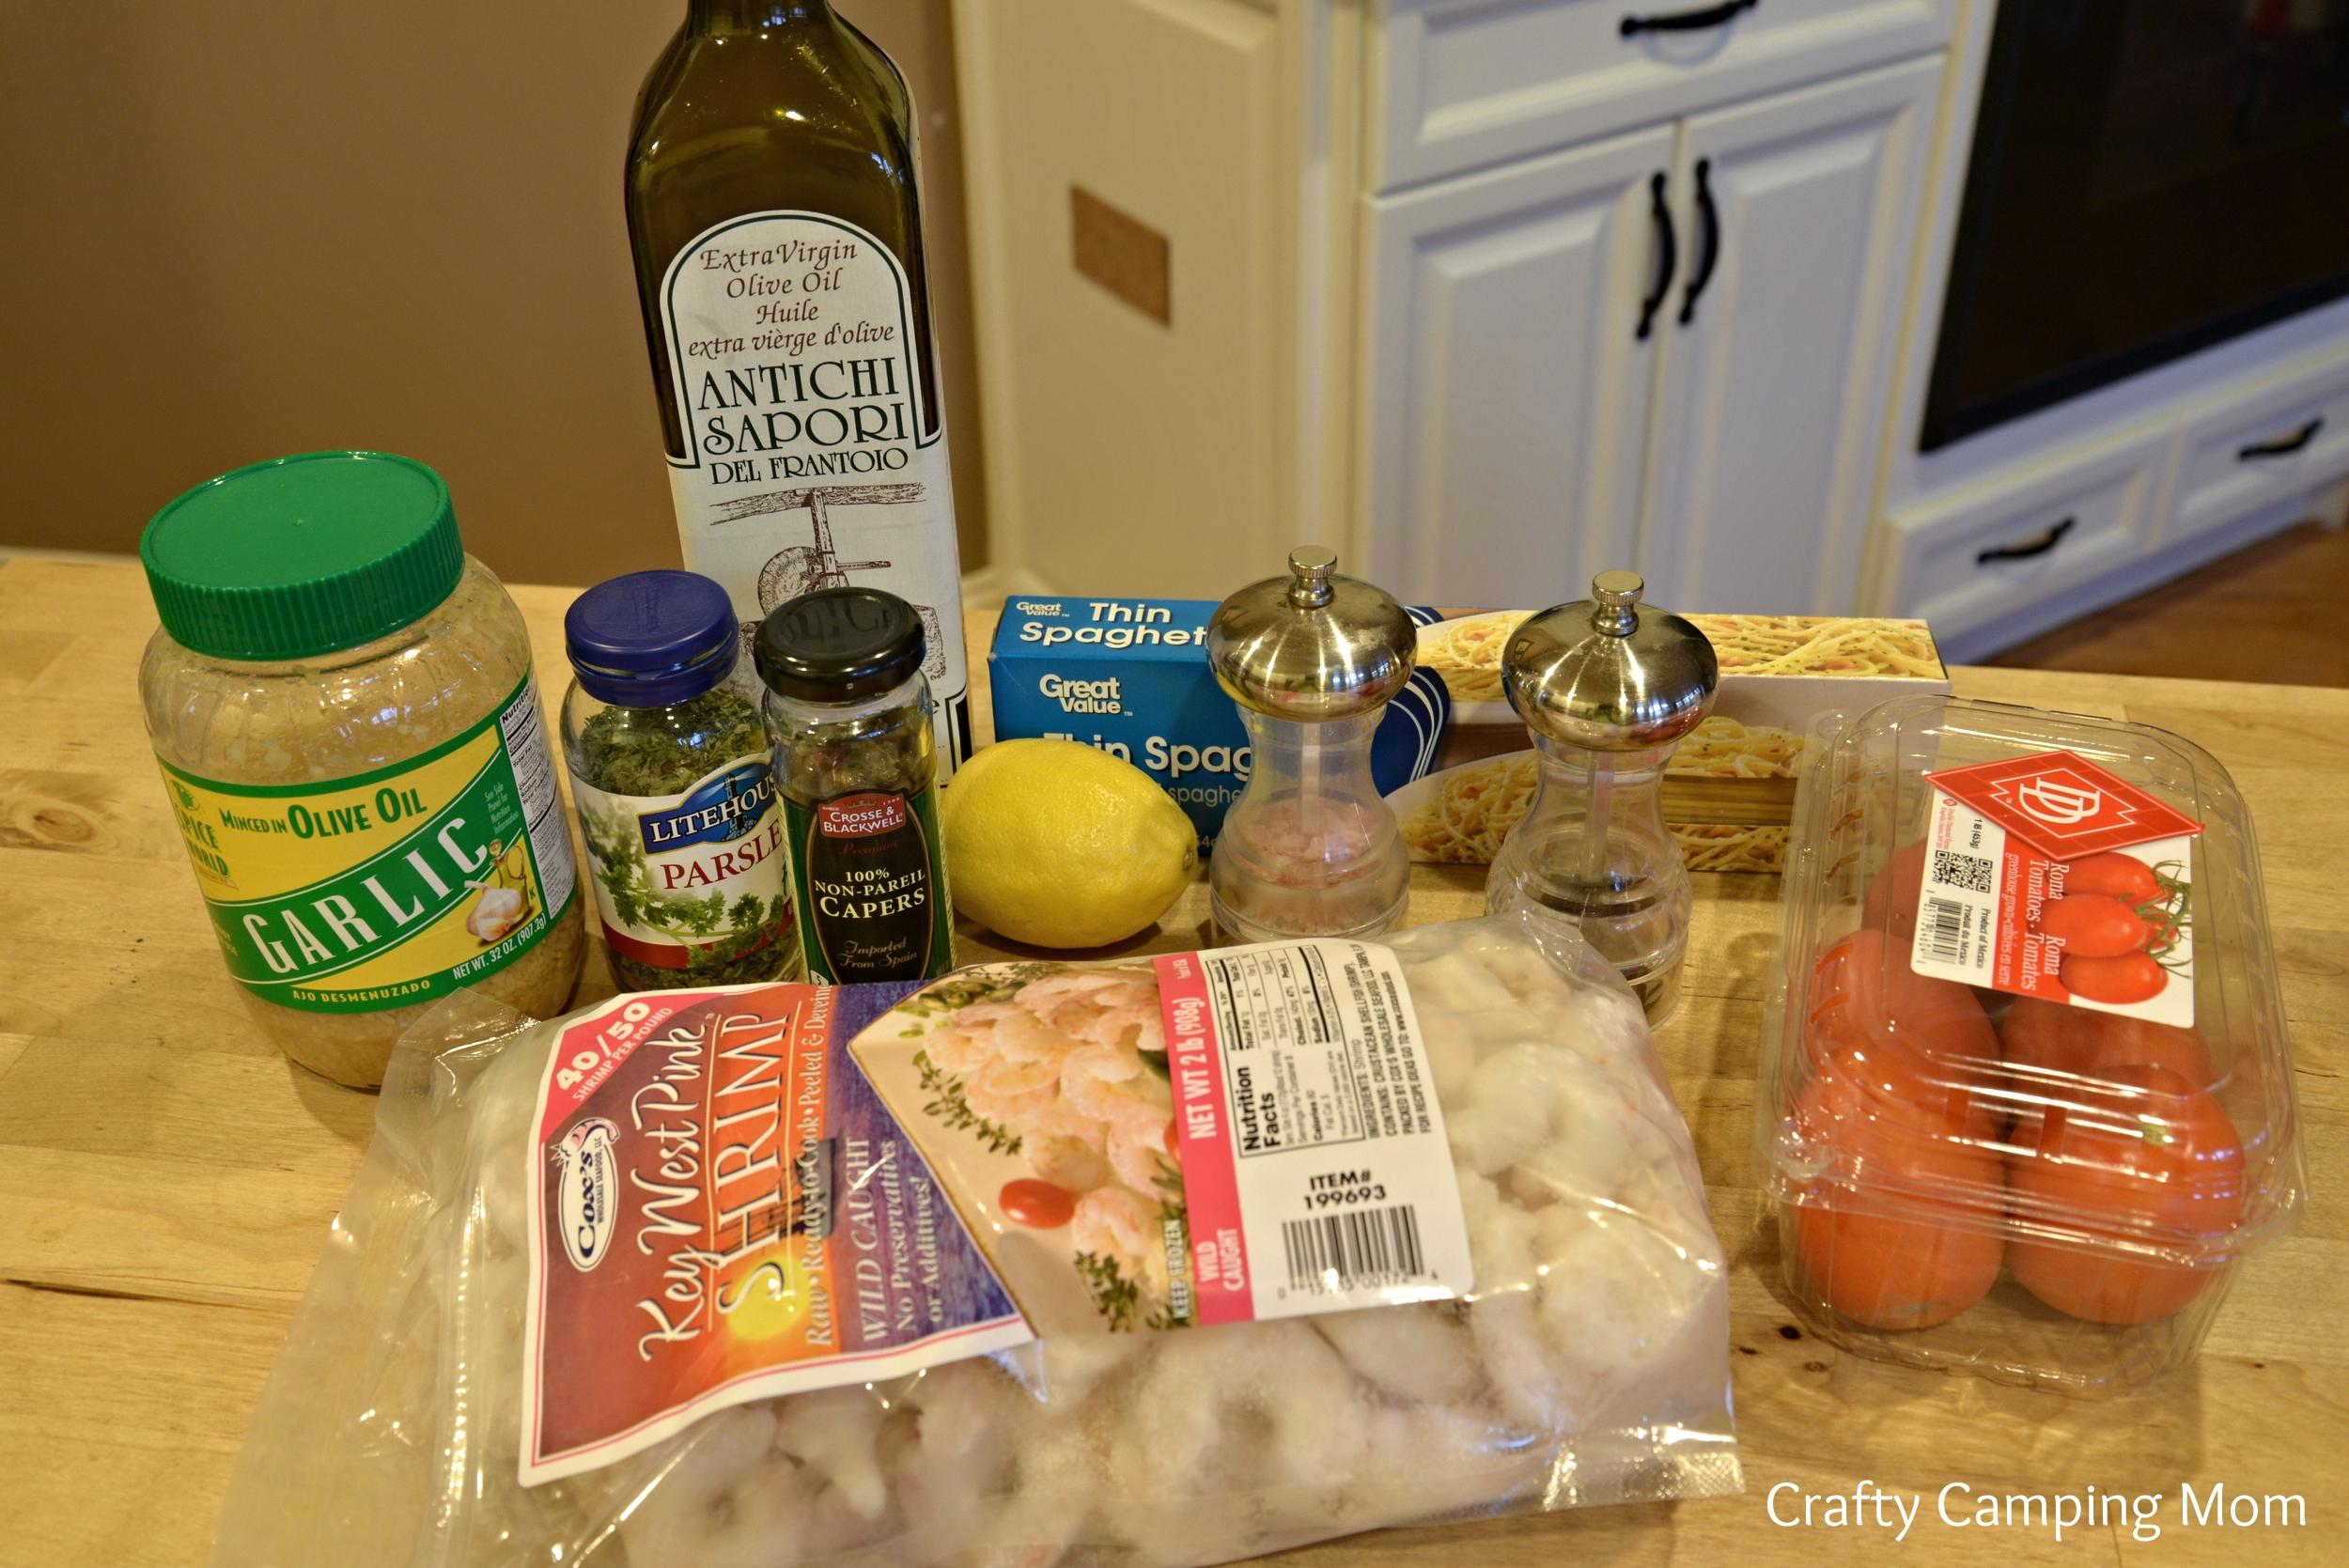 Ingredients for the skillet shrimp pasta dinner